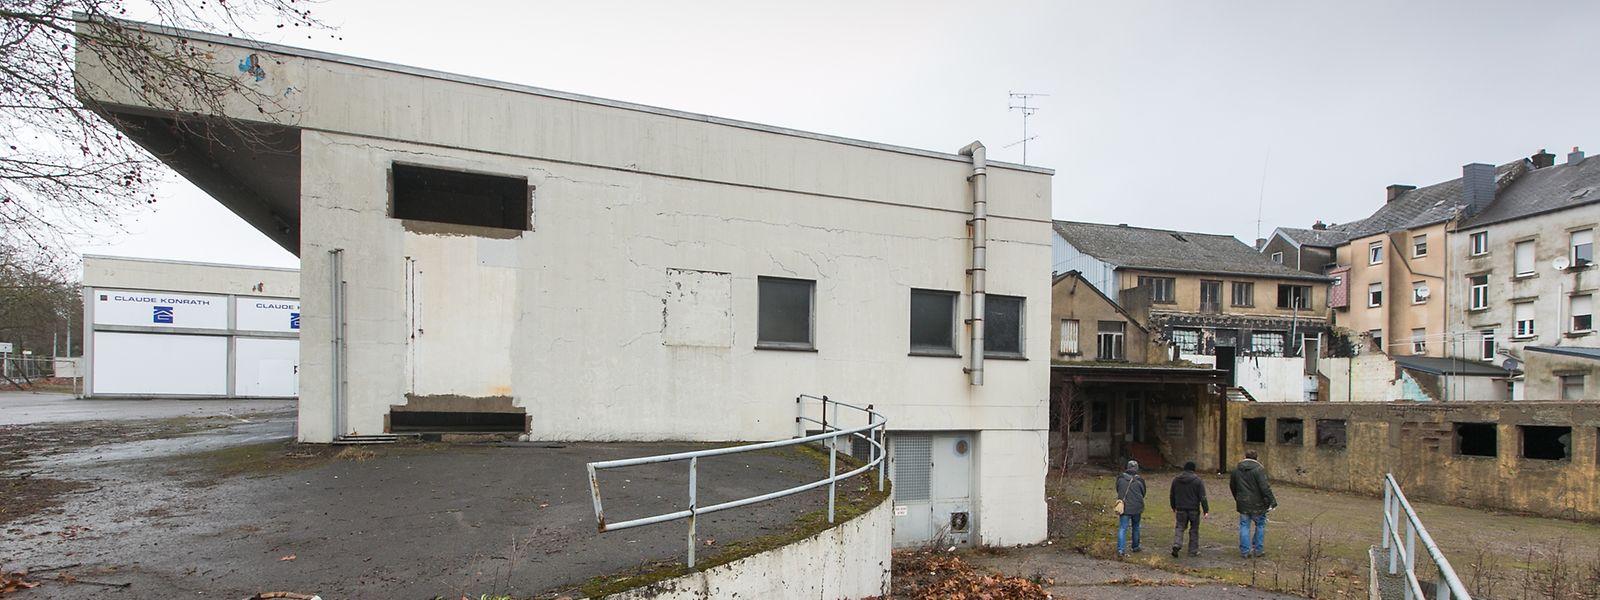 Wo einst Autos verkauft wurden, soll ein Mix aus Wohn- und Arbeitsraum entstehen.